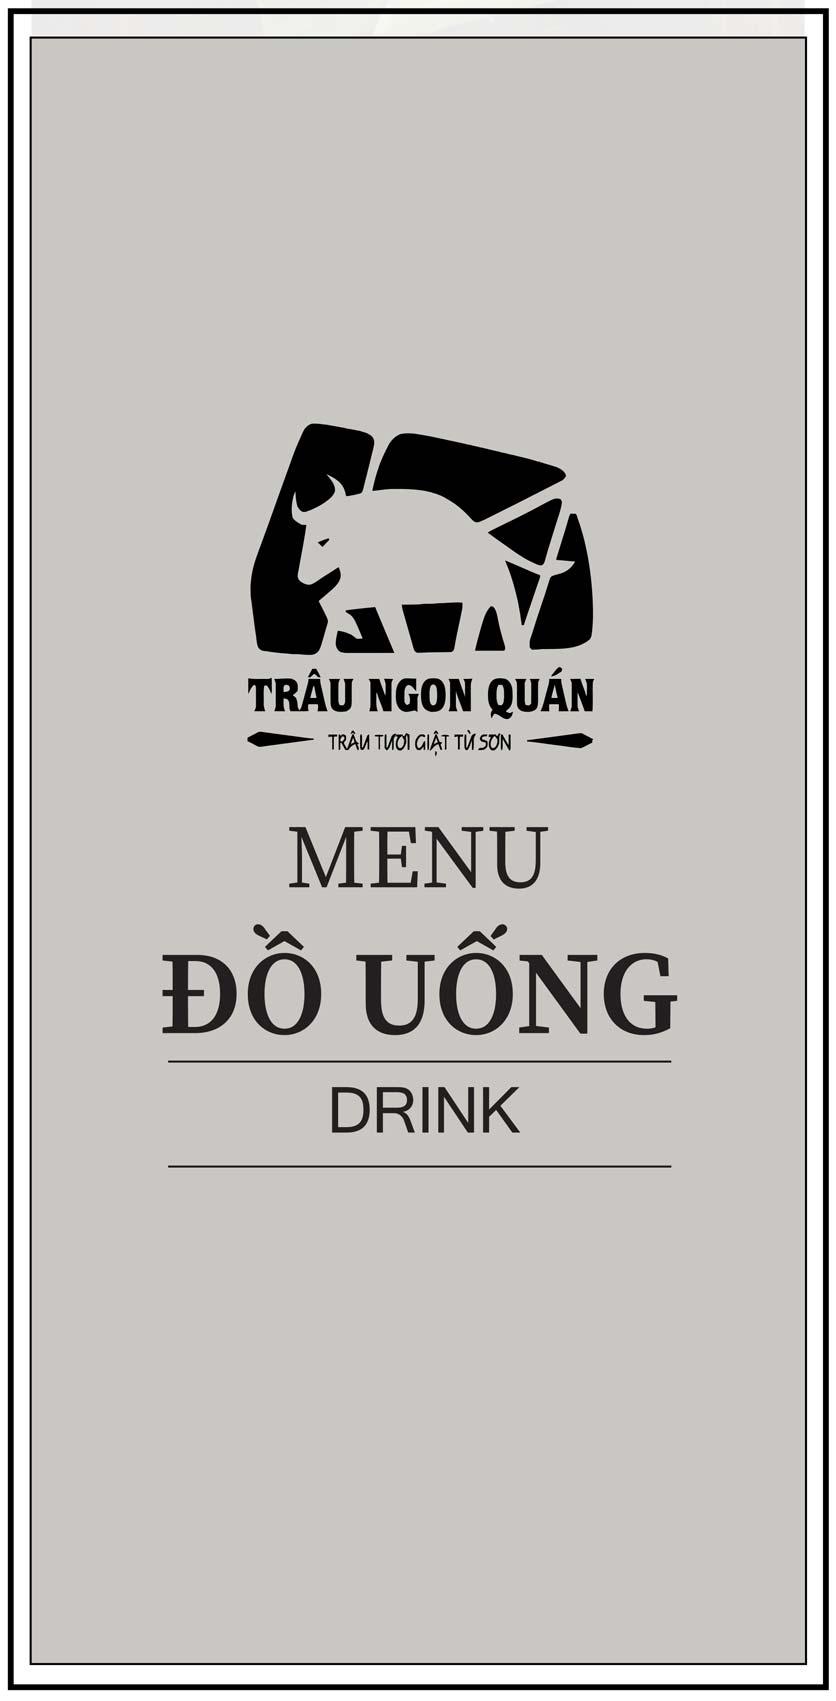 Menu Trâu Ngon Quán -  Hoàng Đạo Thúy 9